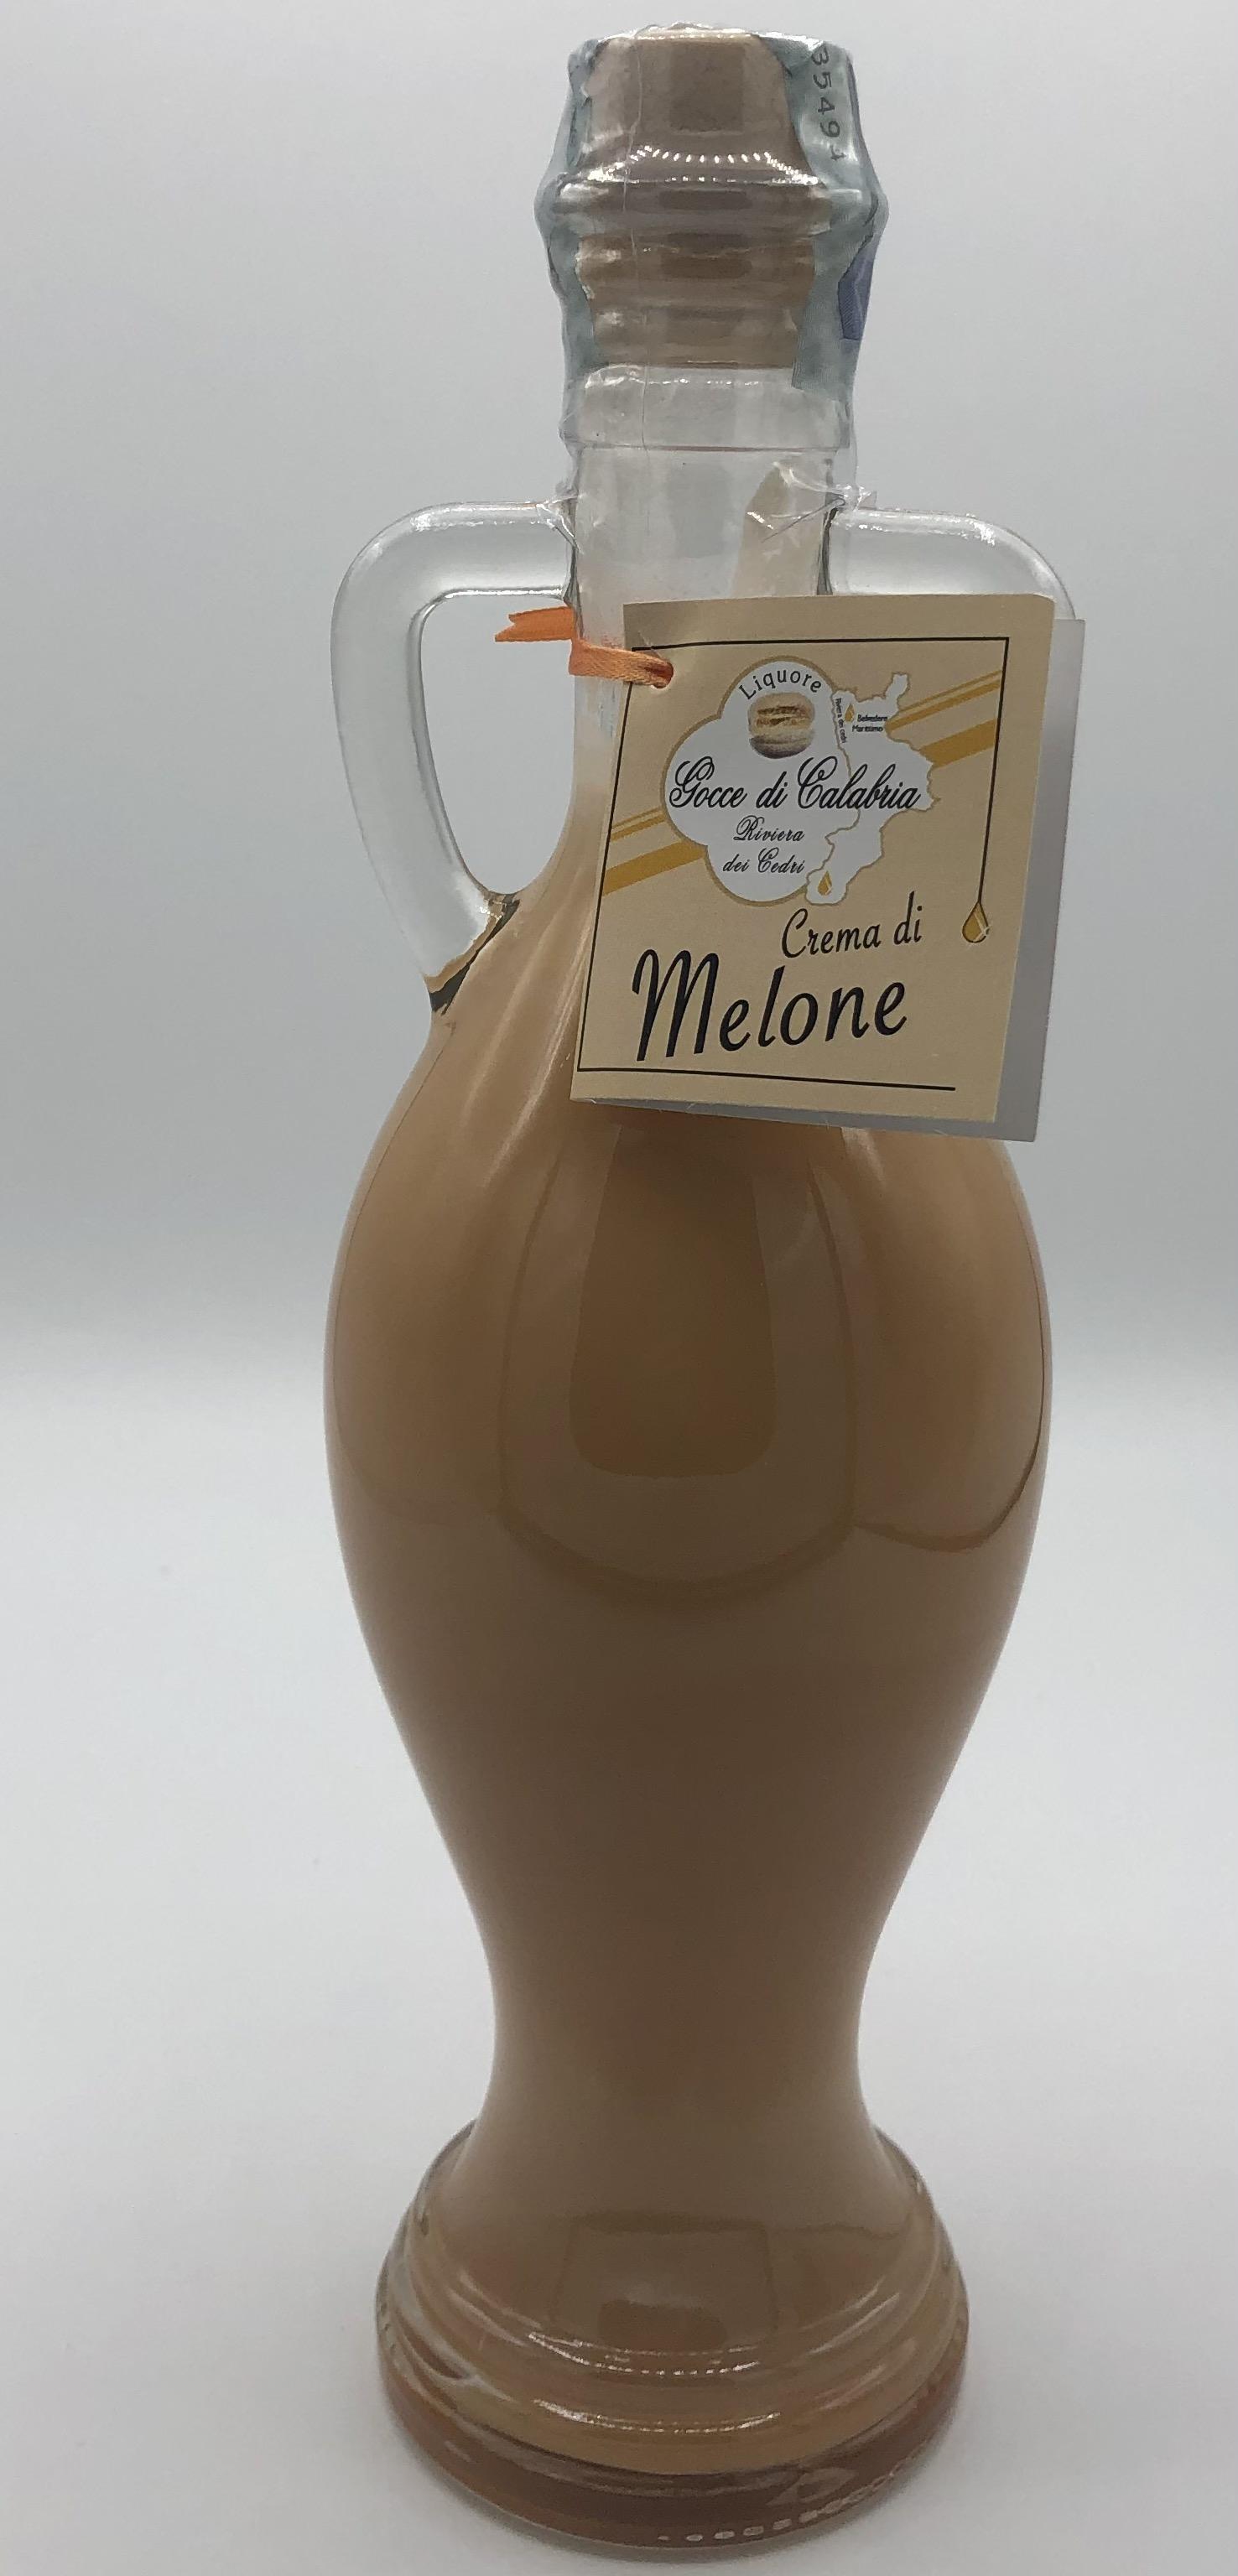 Liquore Gocce Di Calabria Crema Di Melone CL.50